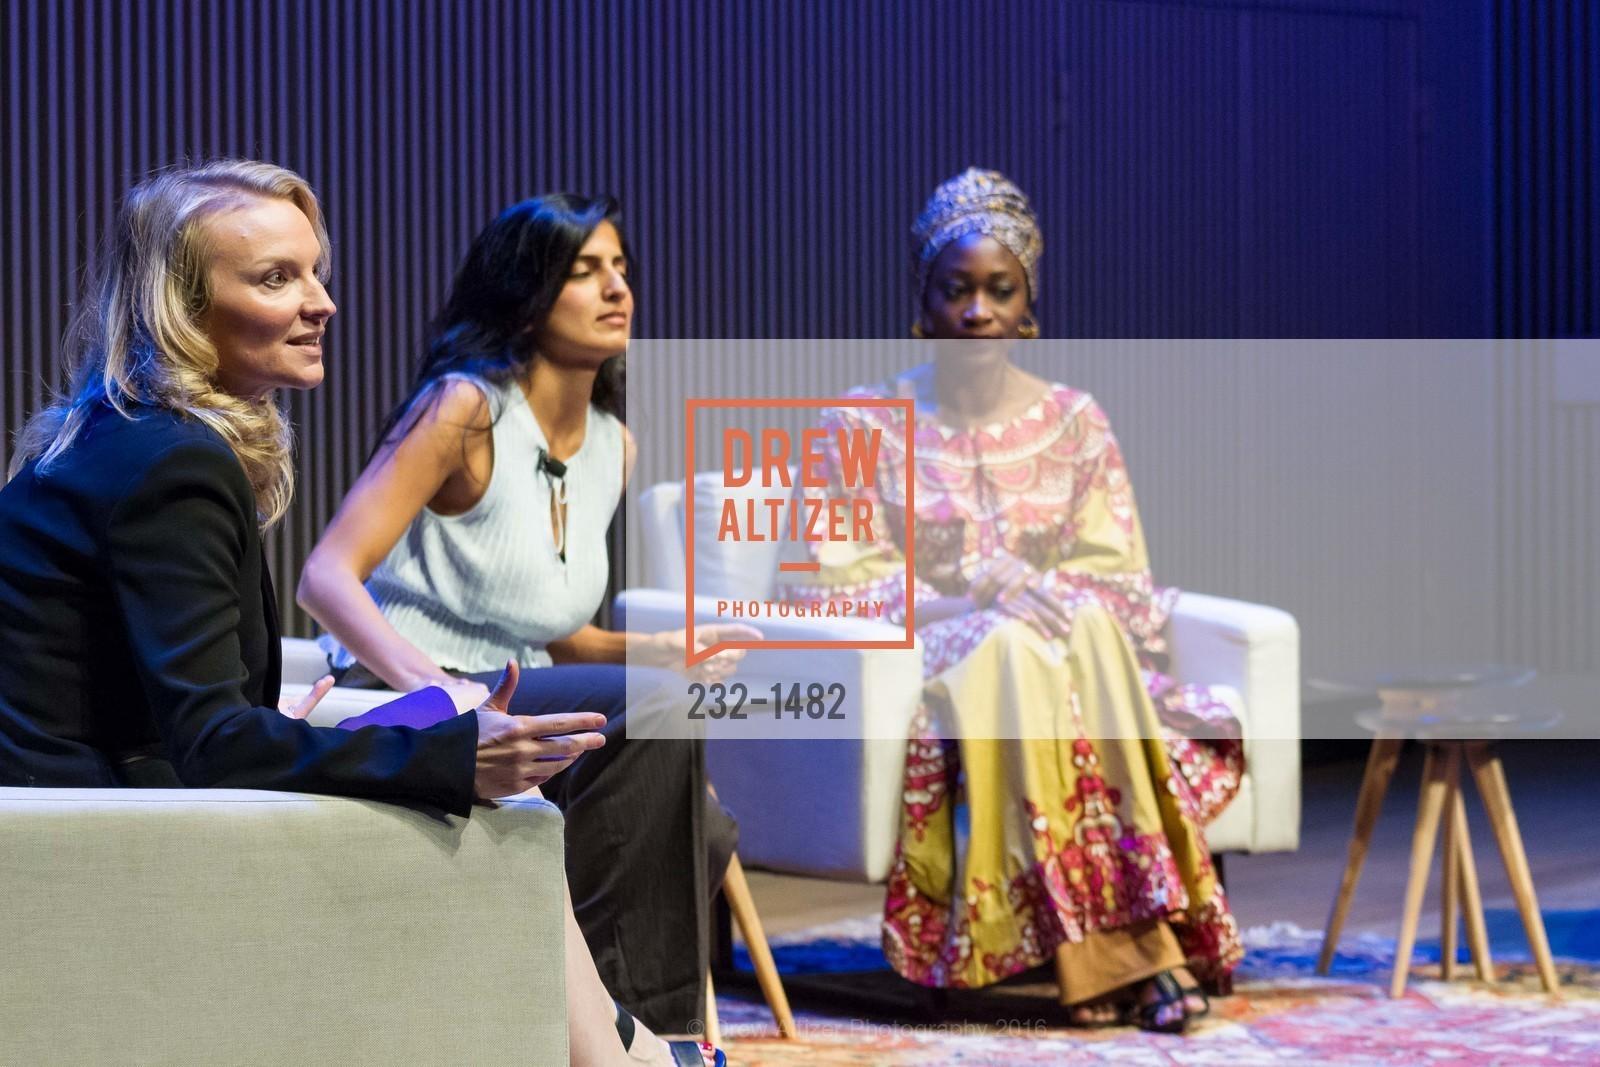 Alysee Nelson, Akanksha Hazari, Hafsat Abiola-Costello, Photo #232-1482